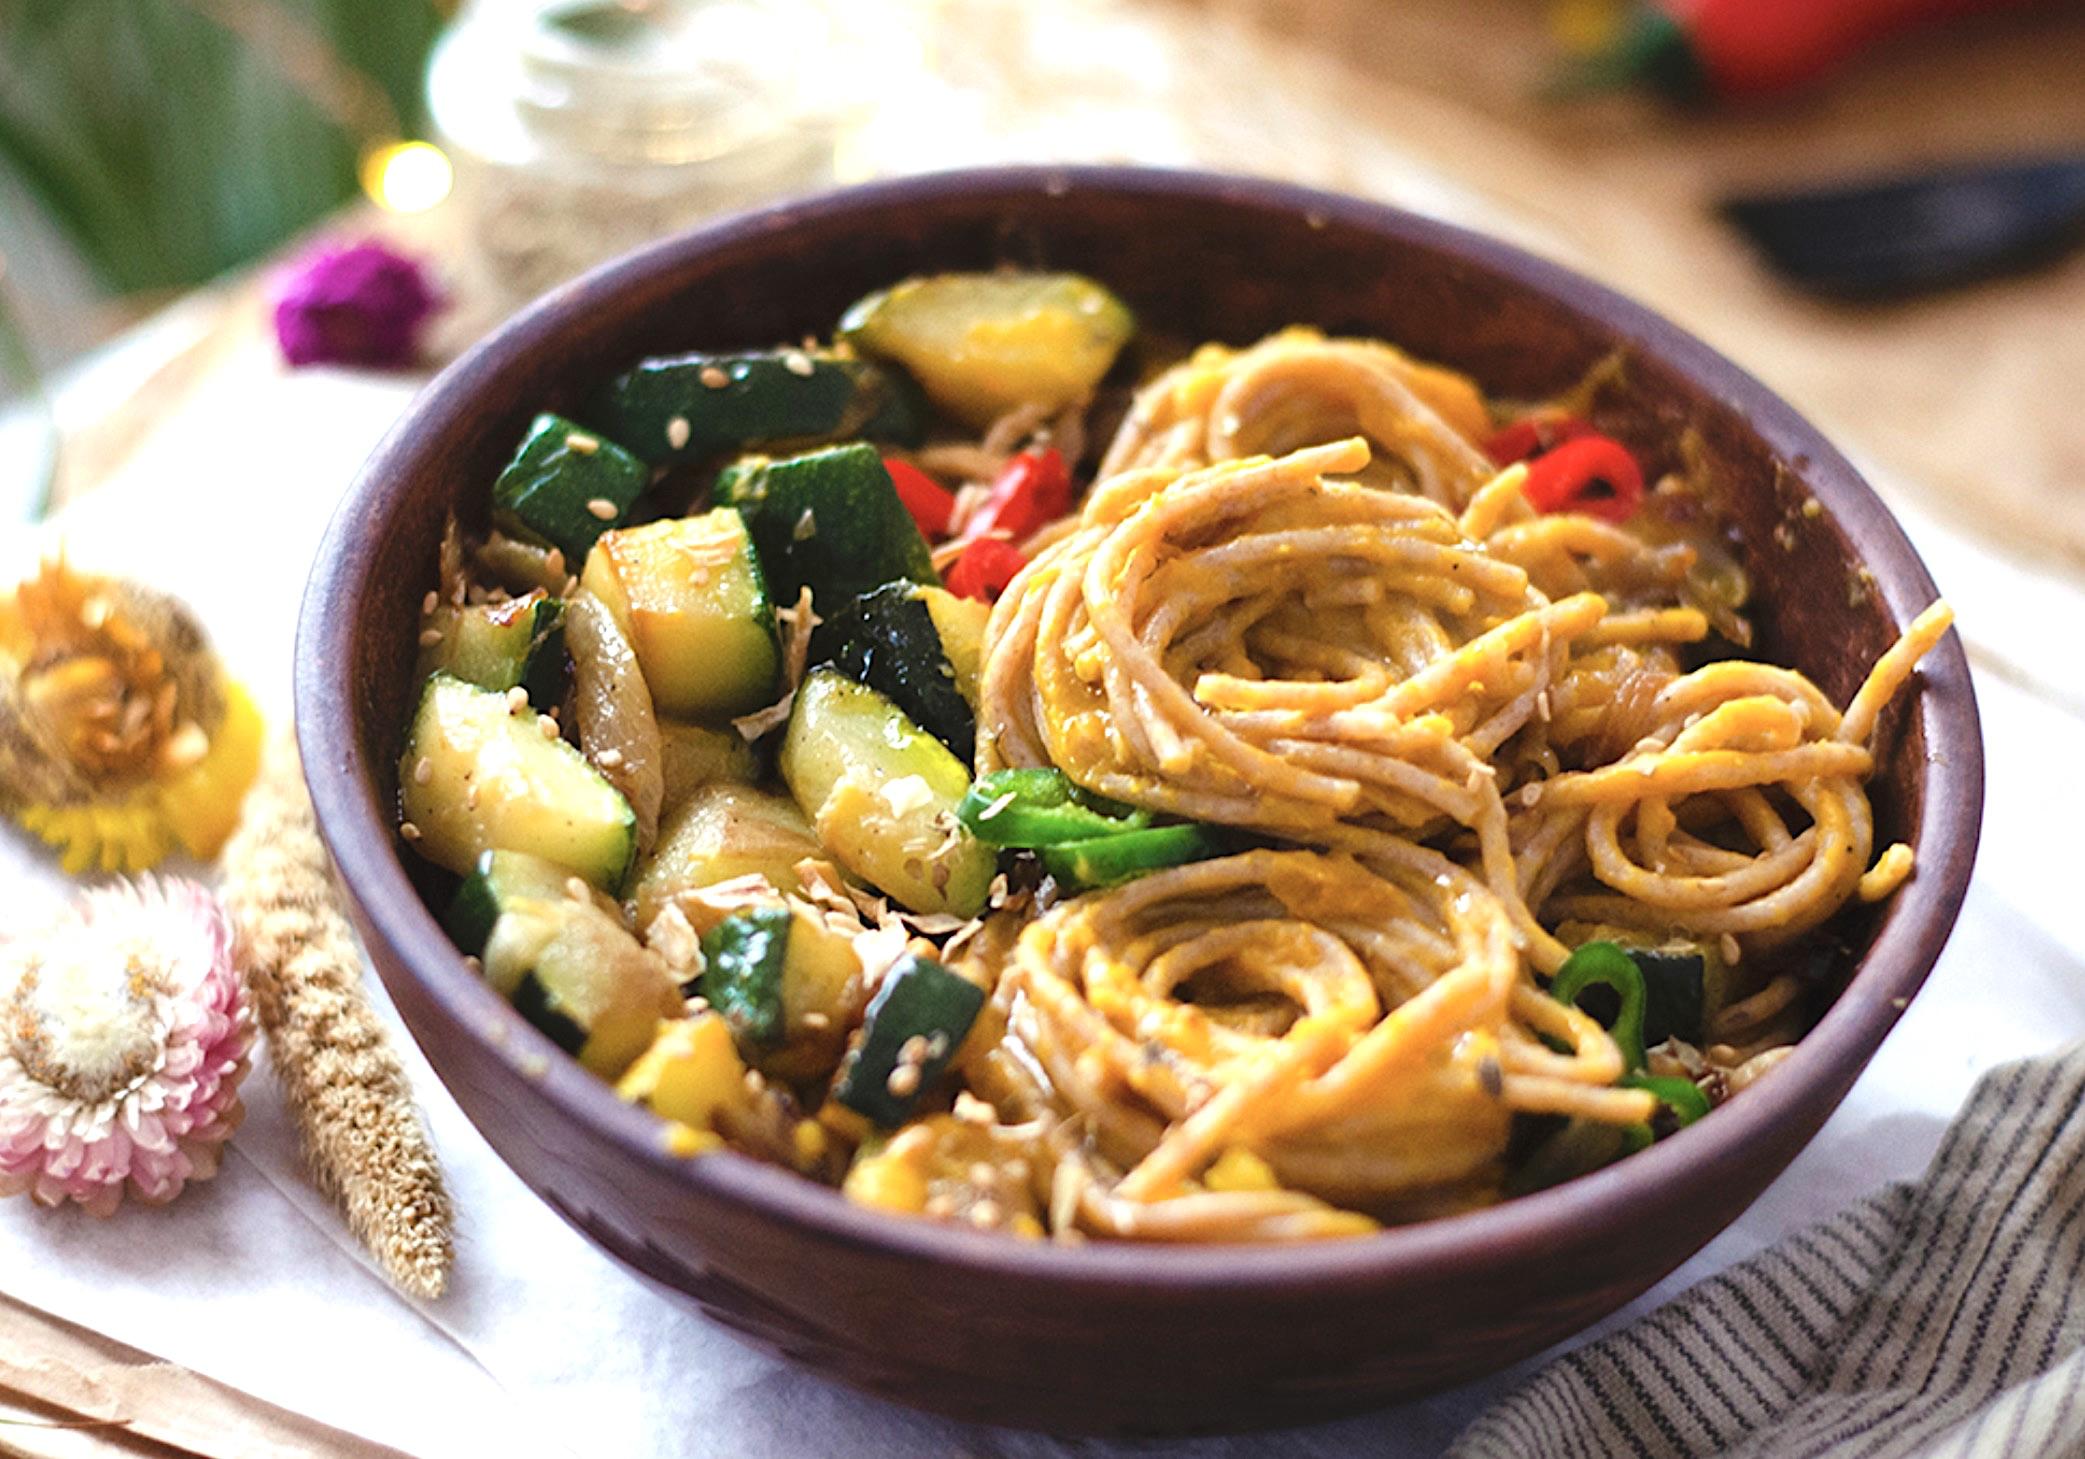 zoete aardappel pasta met lekkere saus - vegan zoete aardappel pasta